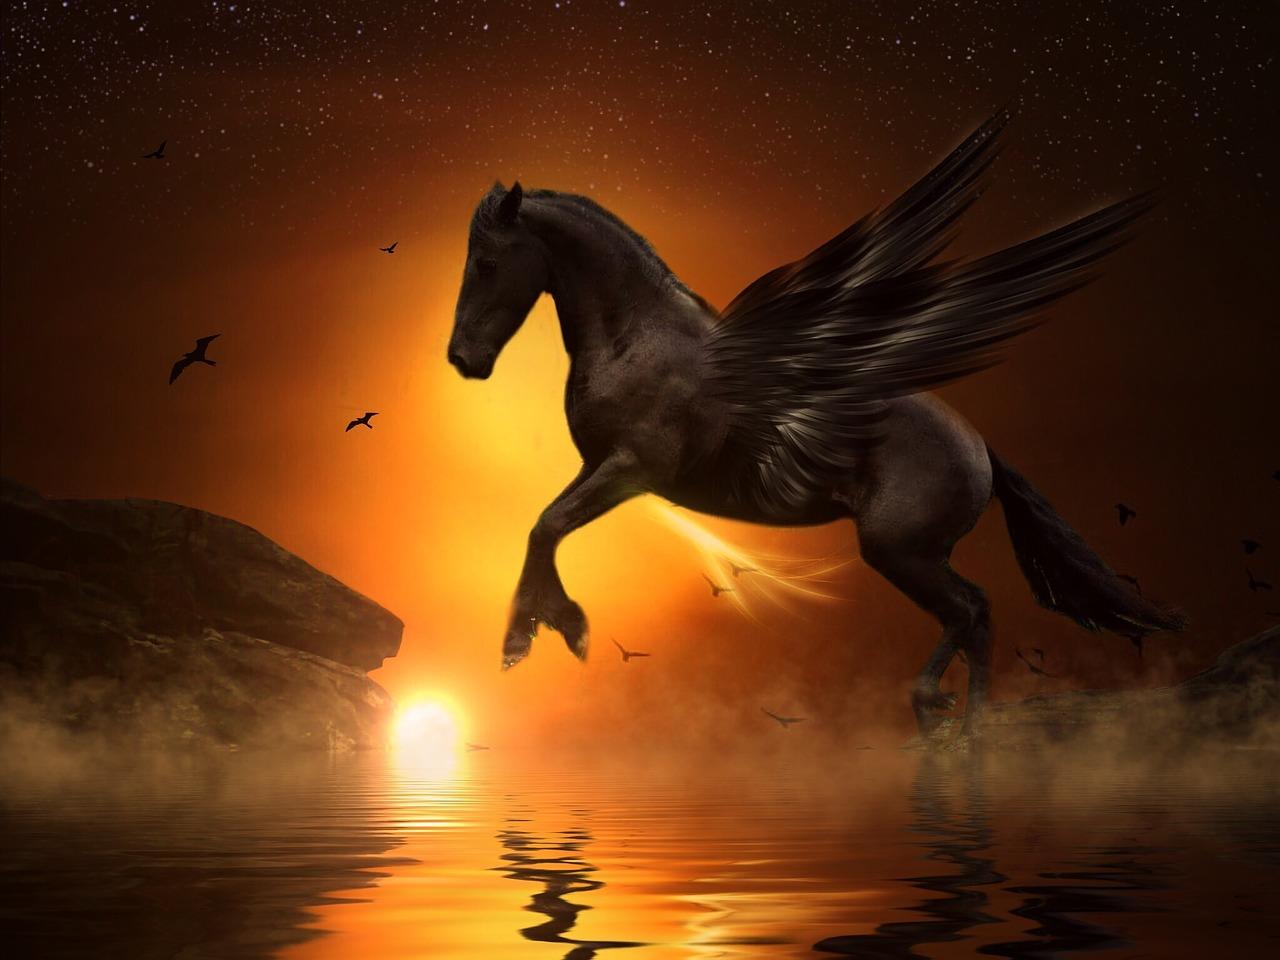 Что стоит за образом летающих коней из древних легенд и сказок